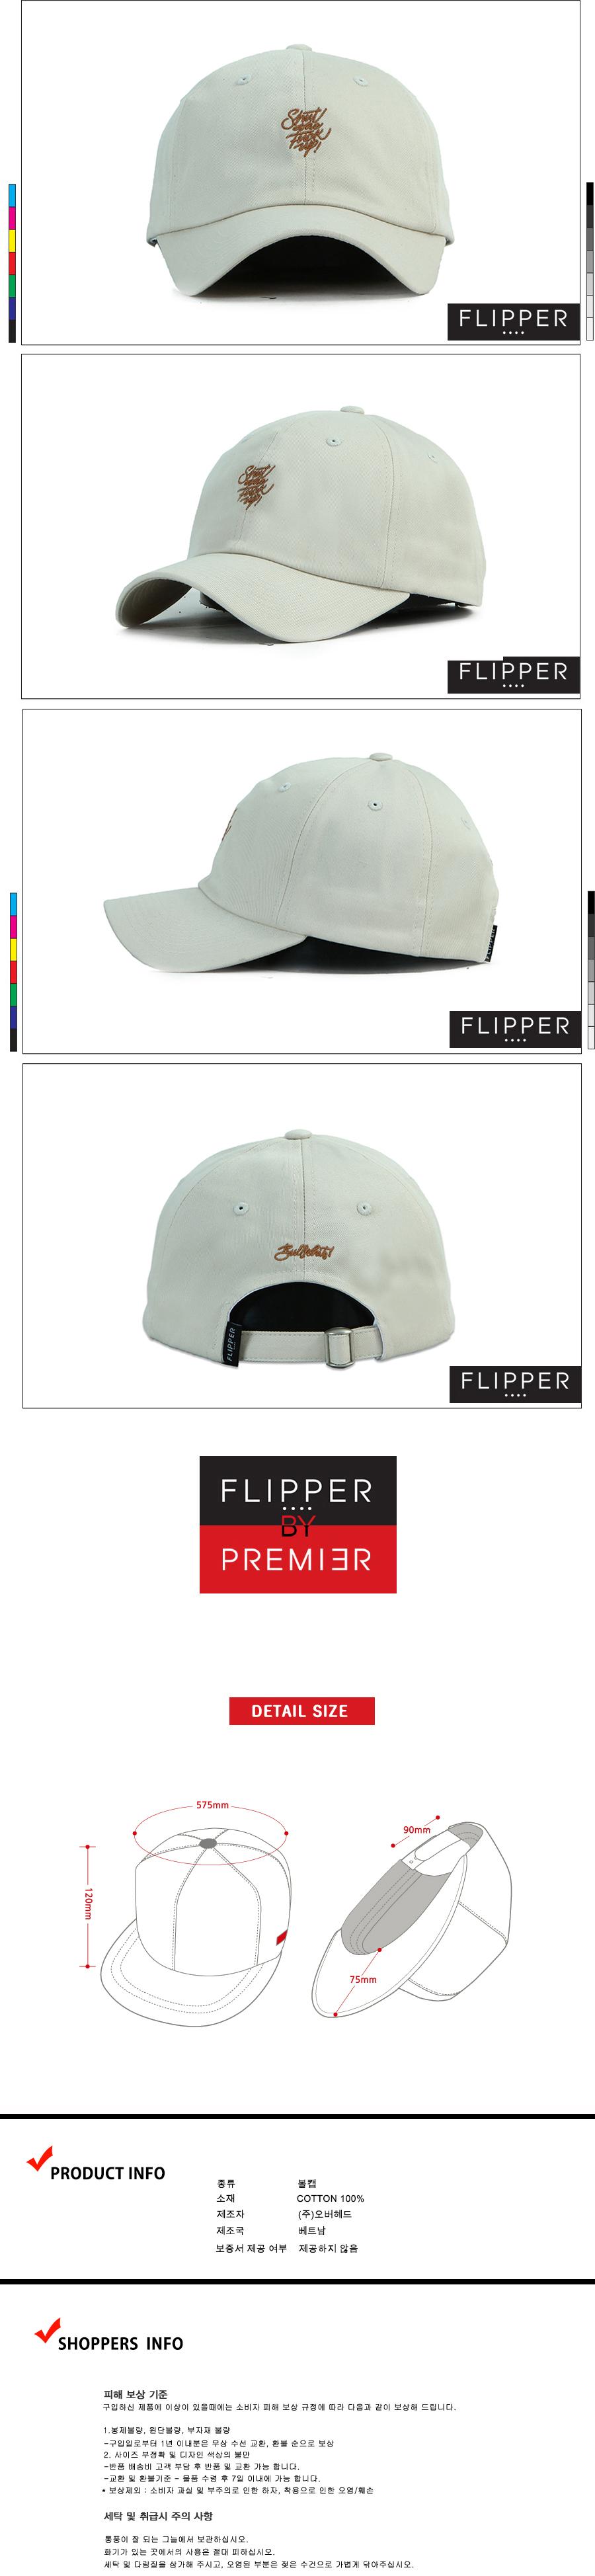 [ PREMIER ] [Premier] Flipper Ball Cap Bullshit Beige (FL183)